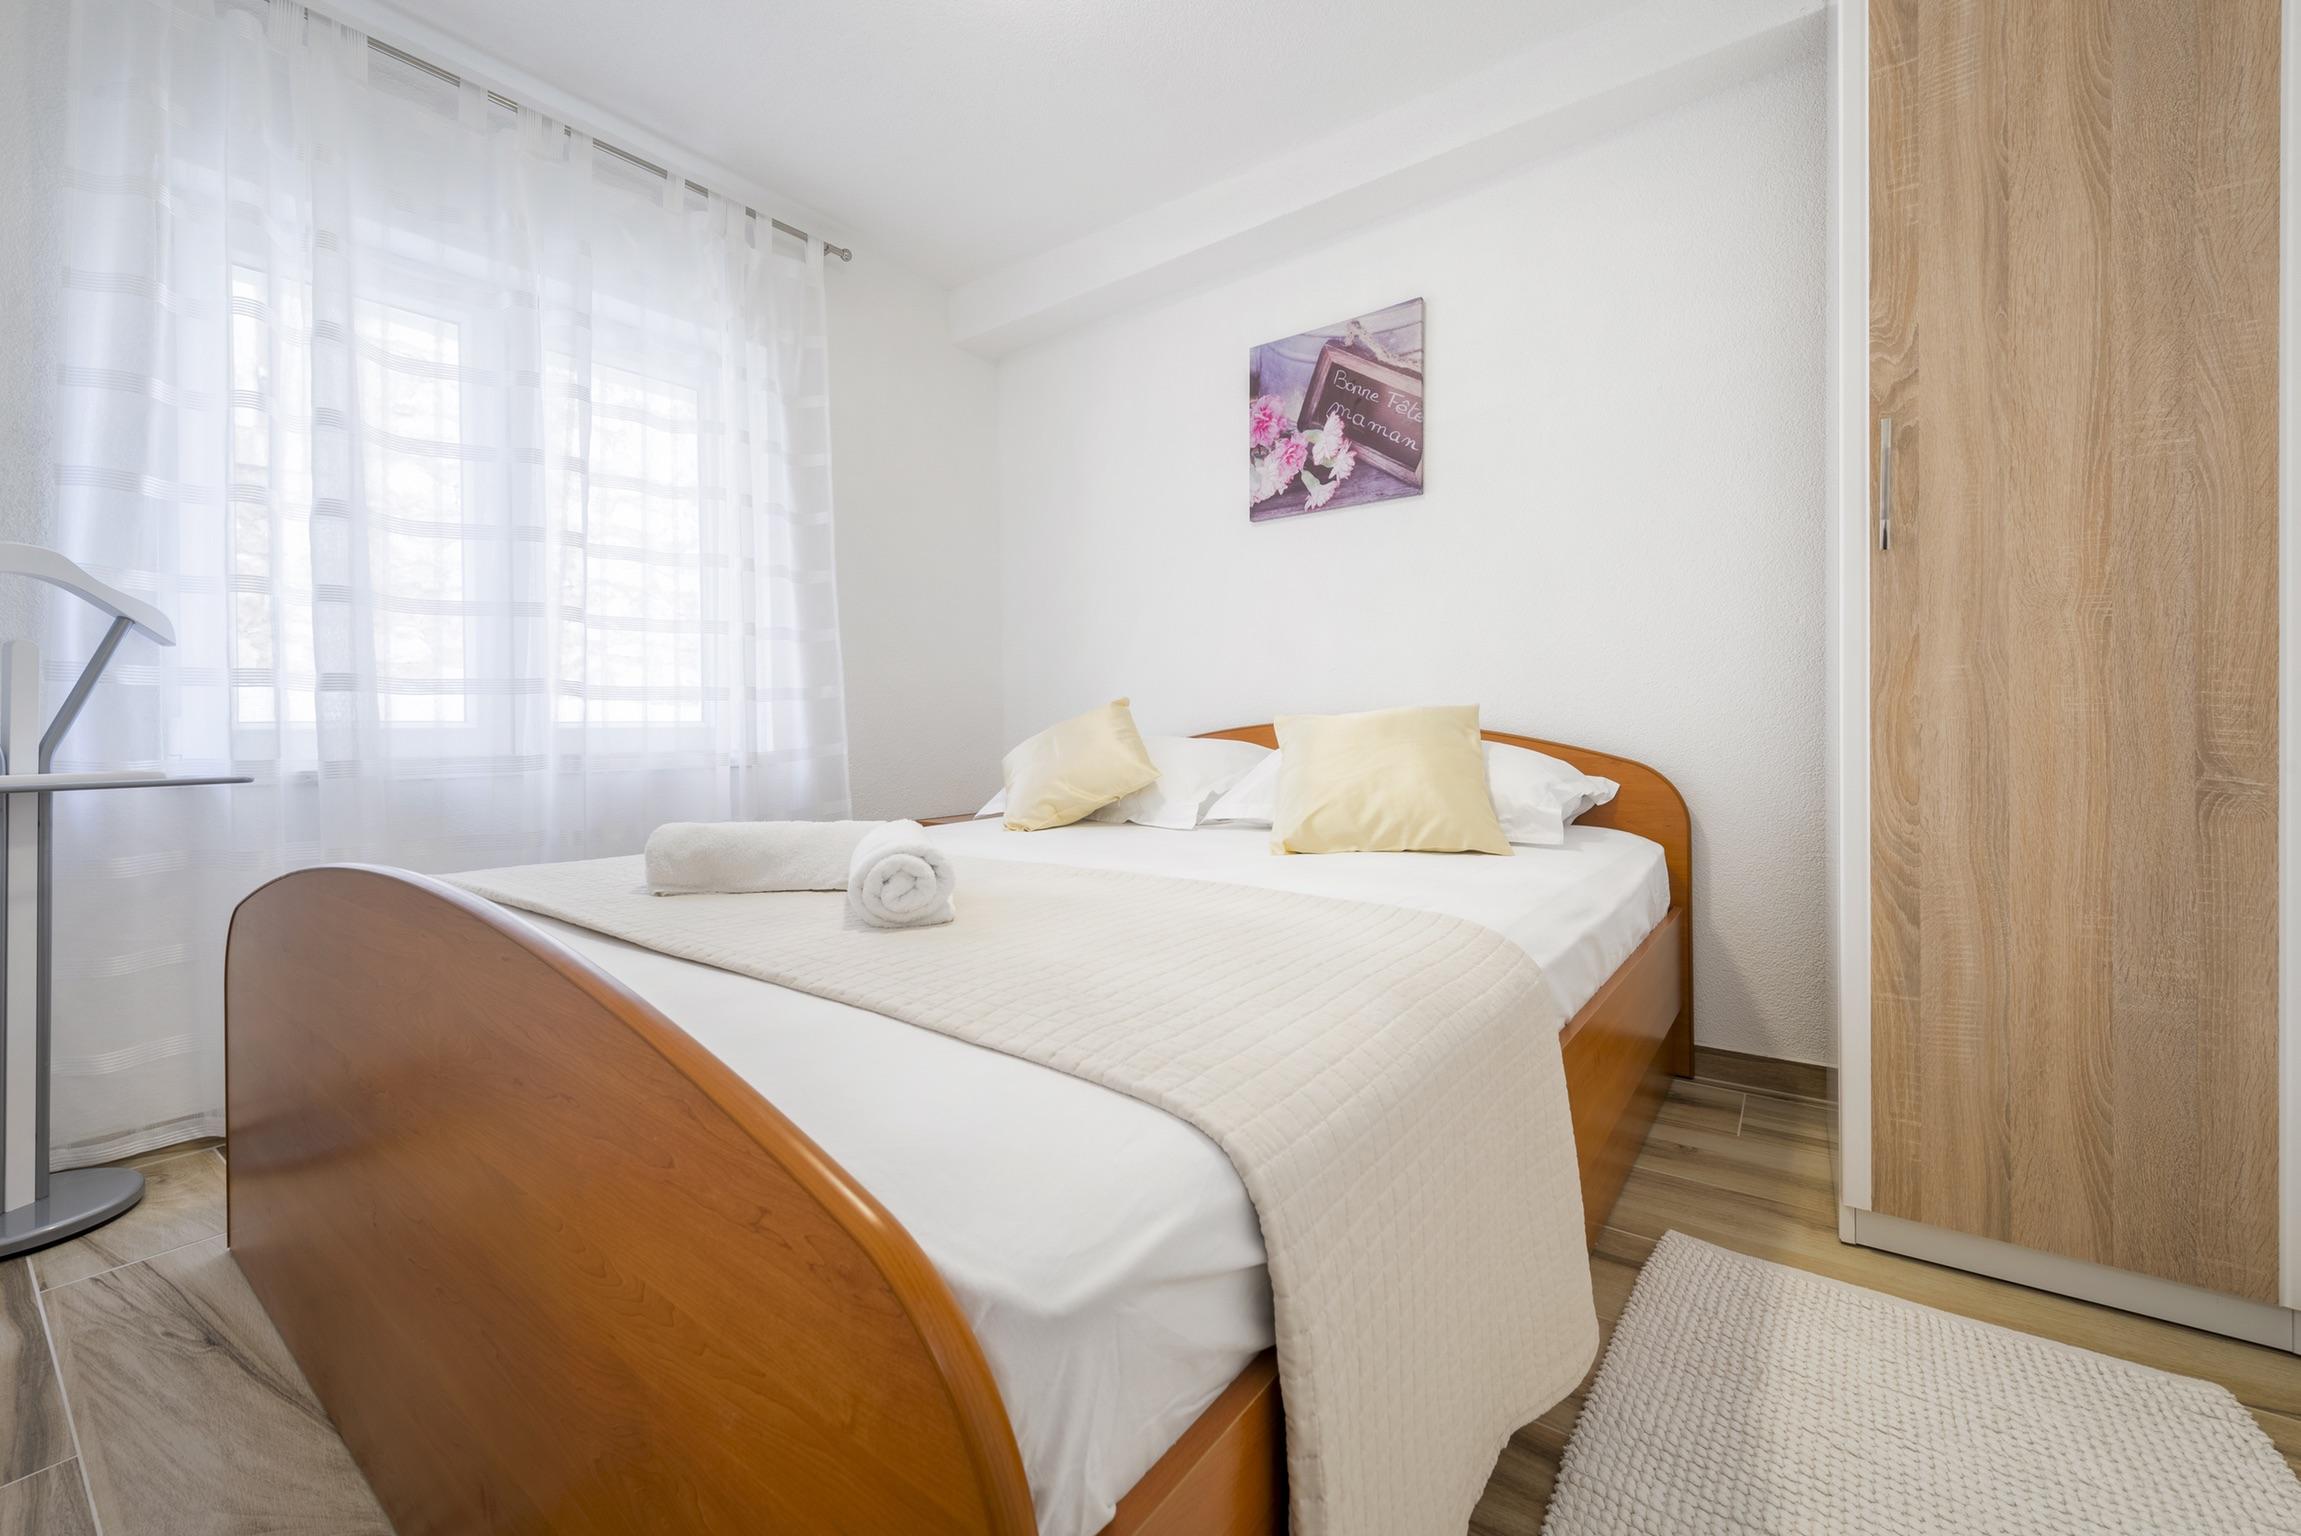 Ferienwohnung Wohnung mit 2 Zimmern in Baaka Voda mit herrlichem Meerblick, möblierter Terrasse und W-L (2201397), Baška Voda, , Dalmatien, Kroatien, Bild 6